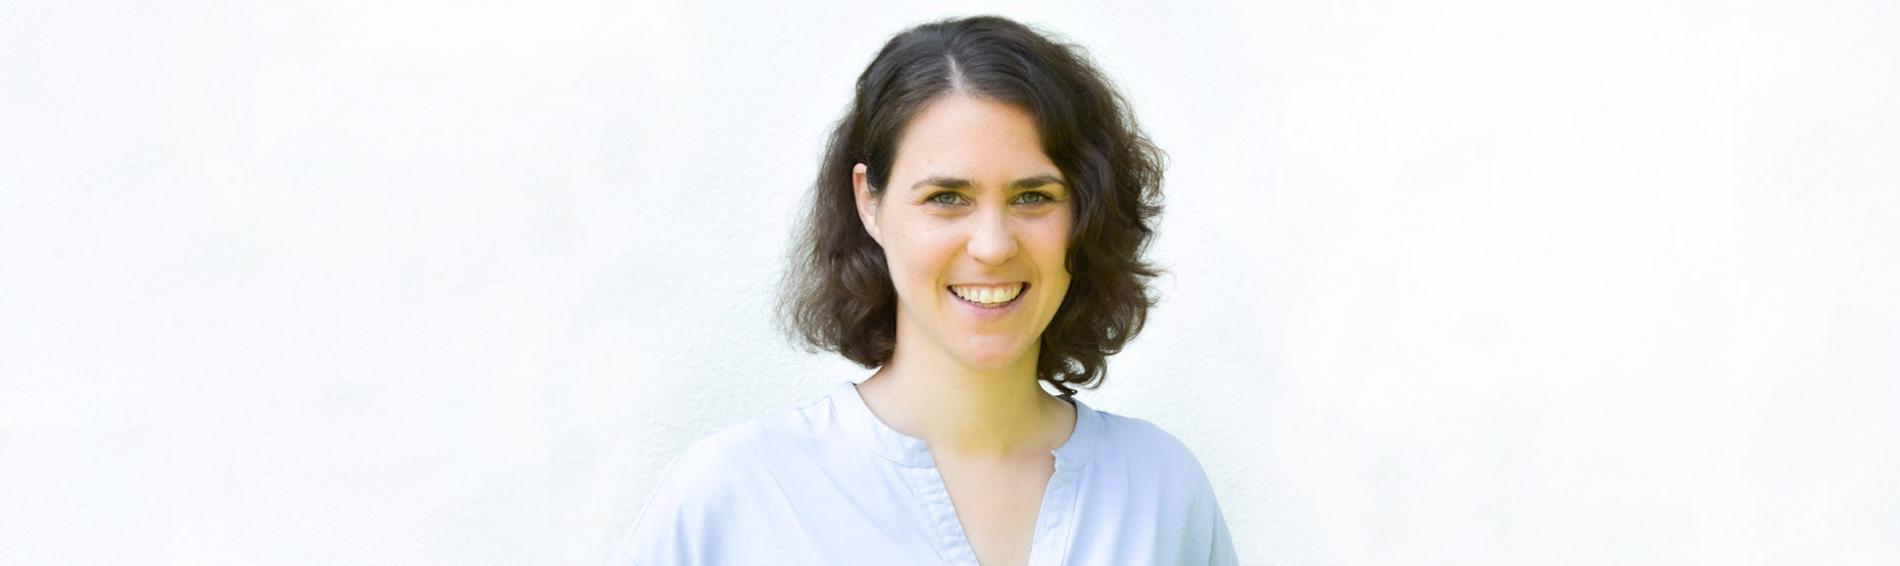 Danièle Böhm arbeitet im Fundraising bei Ärzte der Welt. Foto: Ärzte der Welt